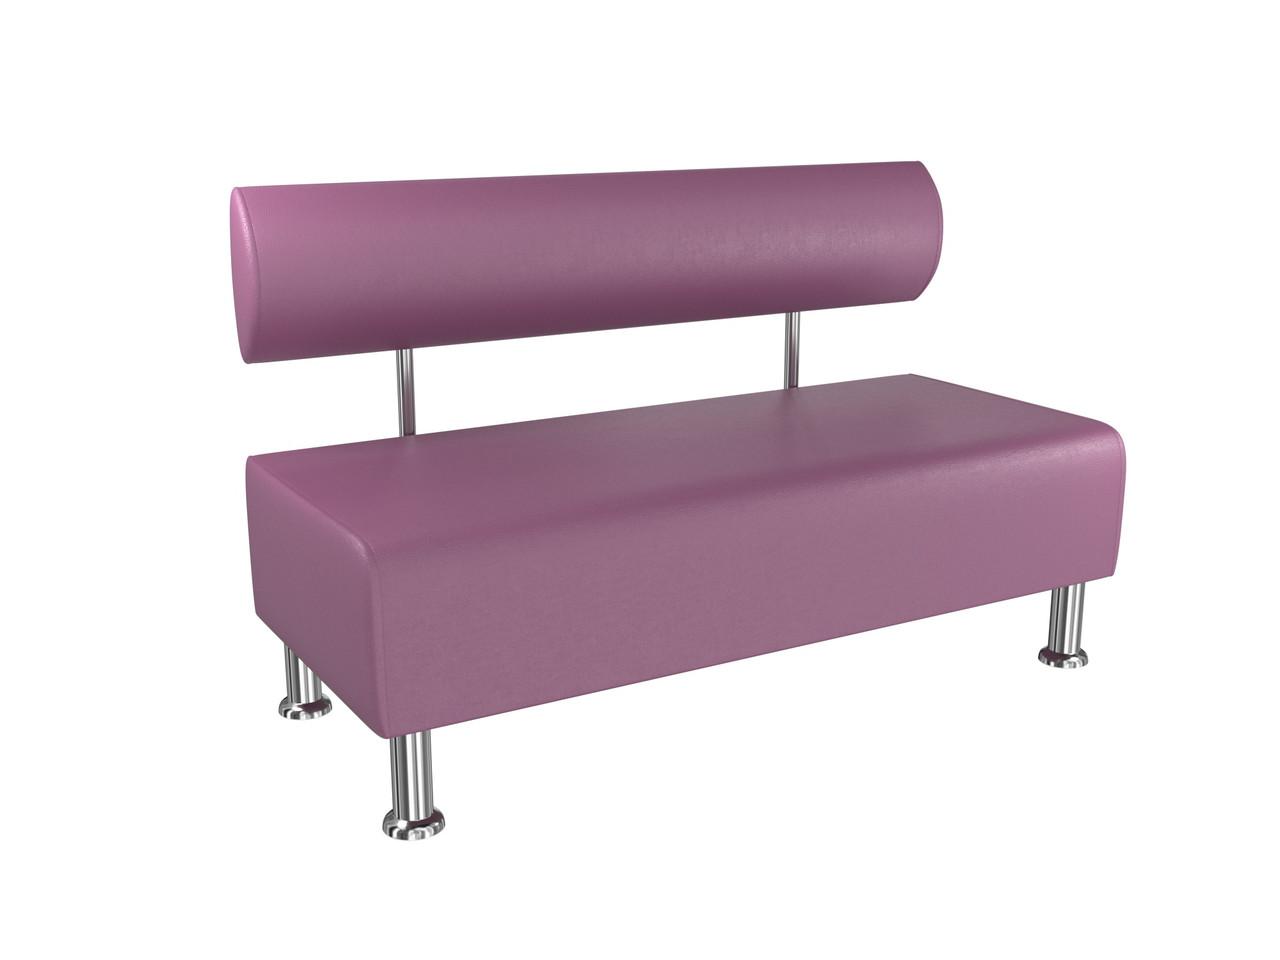 Диван BNB Solo1200x540x750 фиолетовый. Для школы, больницы, приемной, ожидания